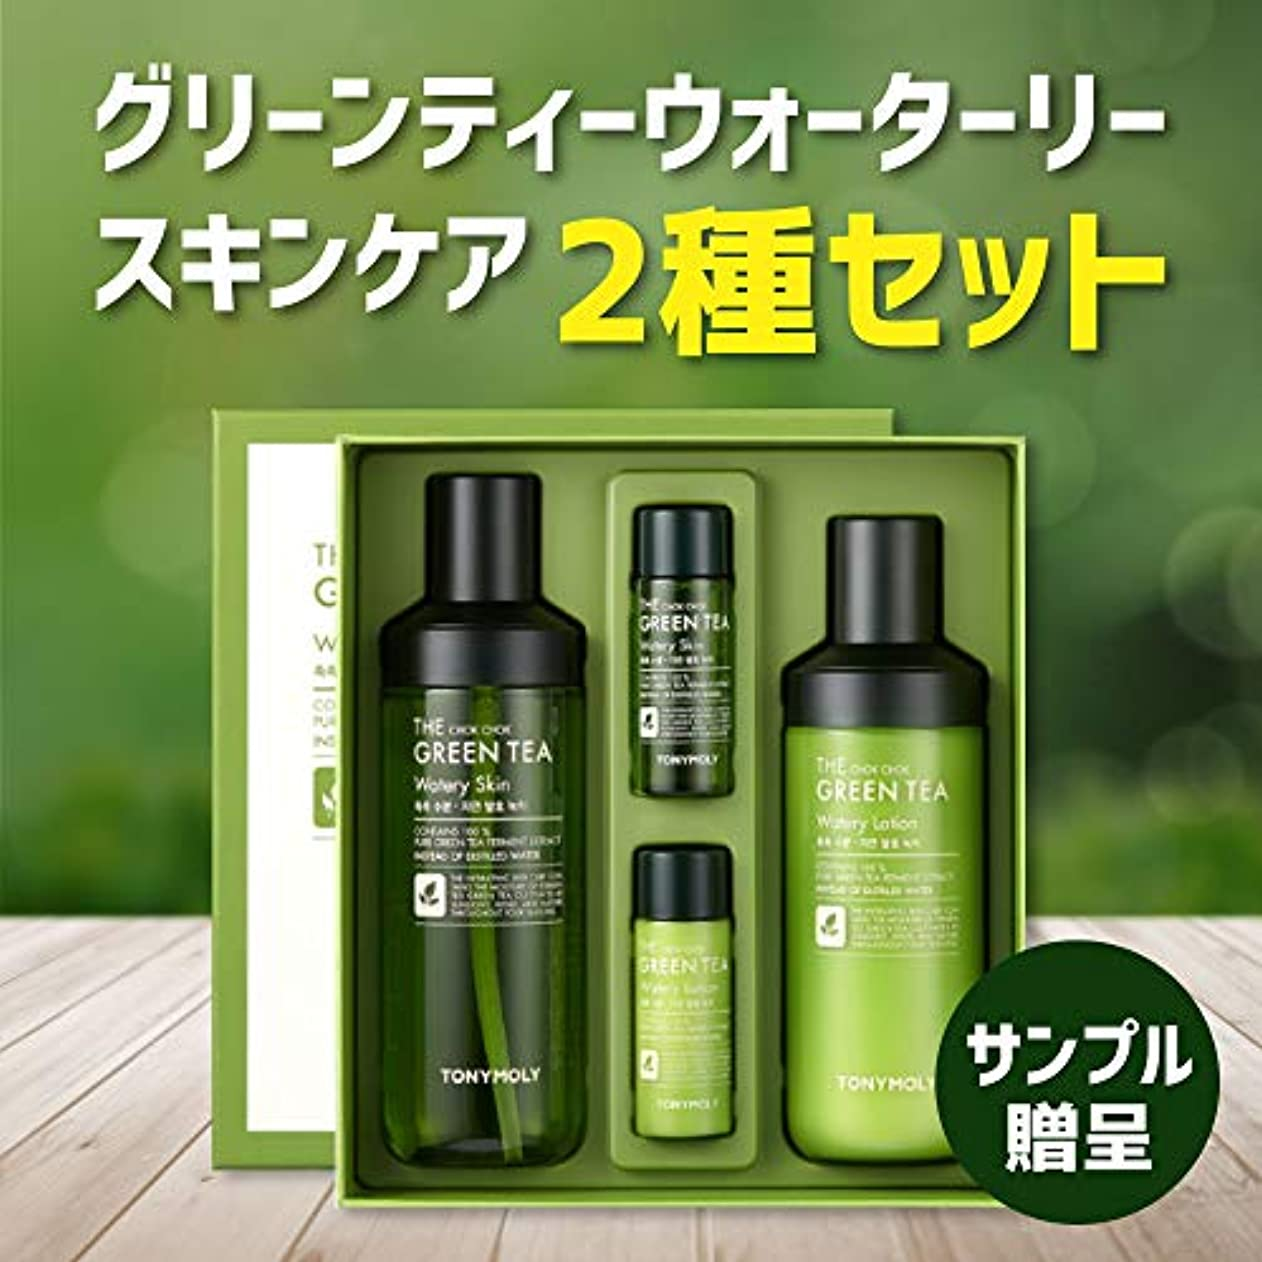 仮装落胆する投資するTONYMOLY しっとり グリーン ティー 水分 化粧水 乳液 セット 抹茶 The Chok Chok Green Tea Watery Skin